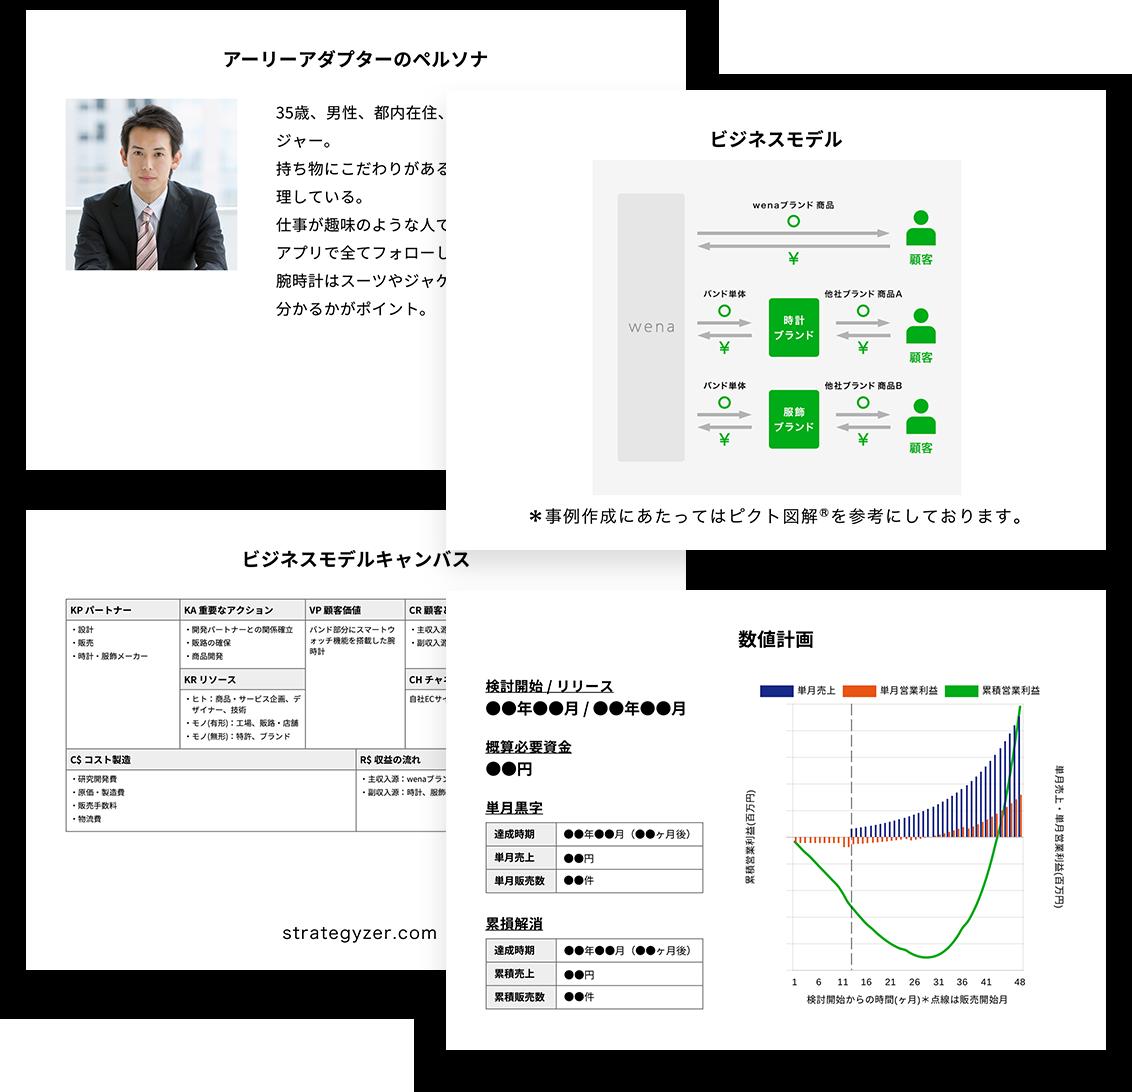 事業計画書のサンプル画像